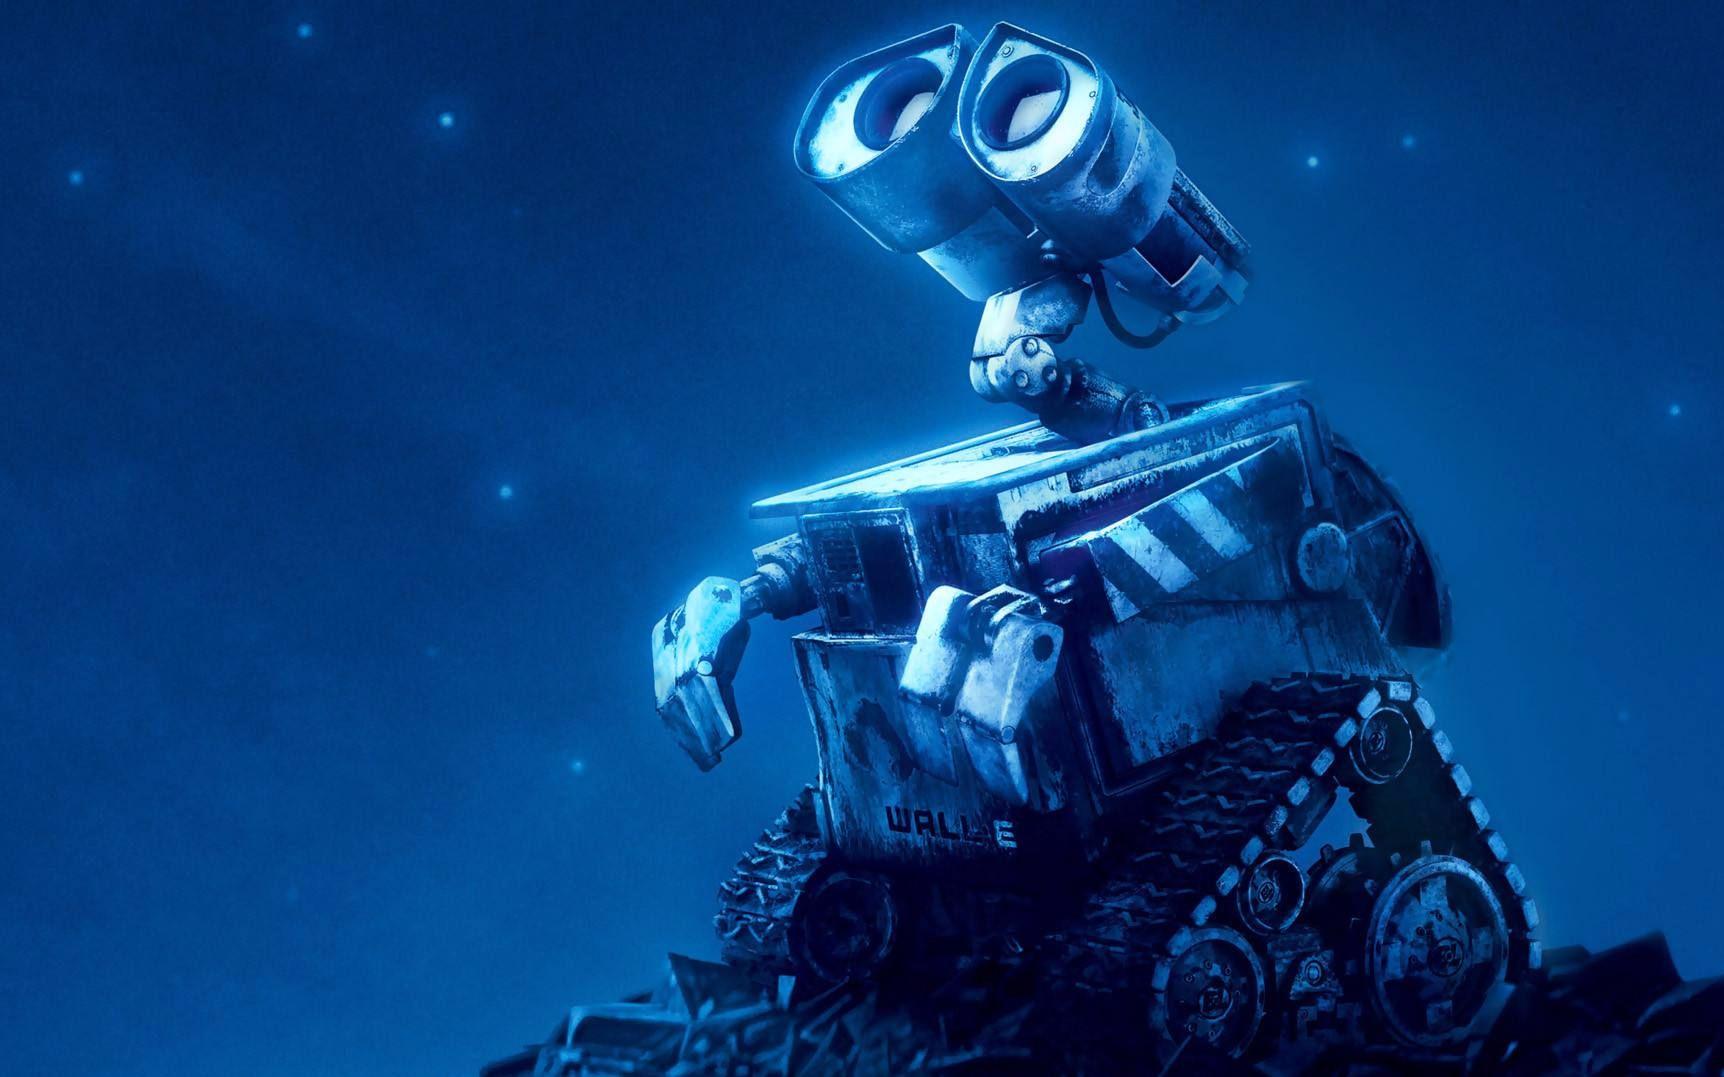 机器人总动员电影网_机器人总动员-更新更全更受欢迎的影视网站-在线观看